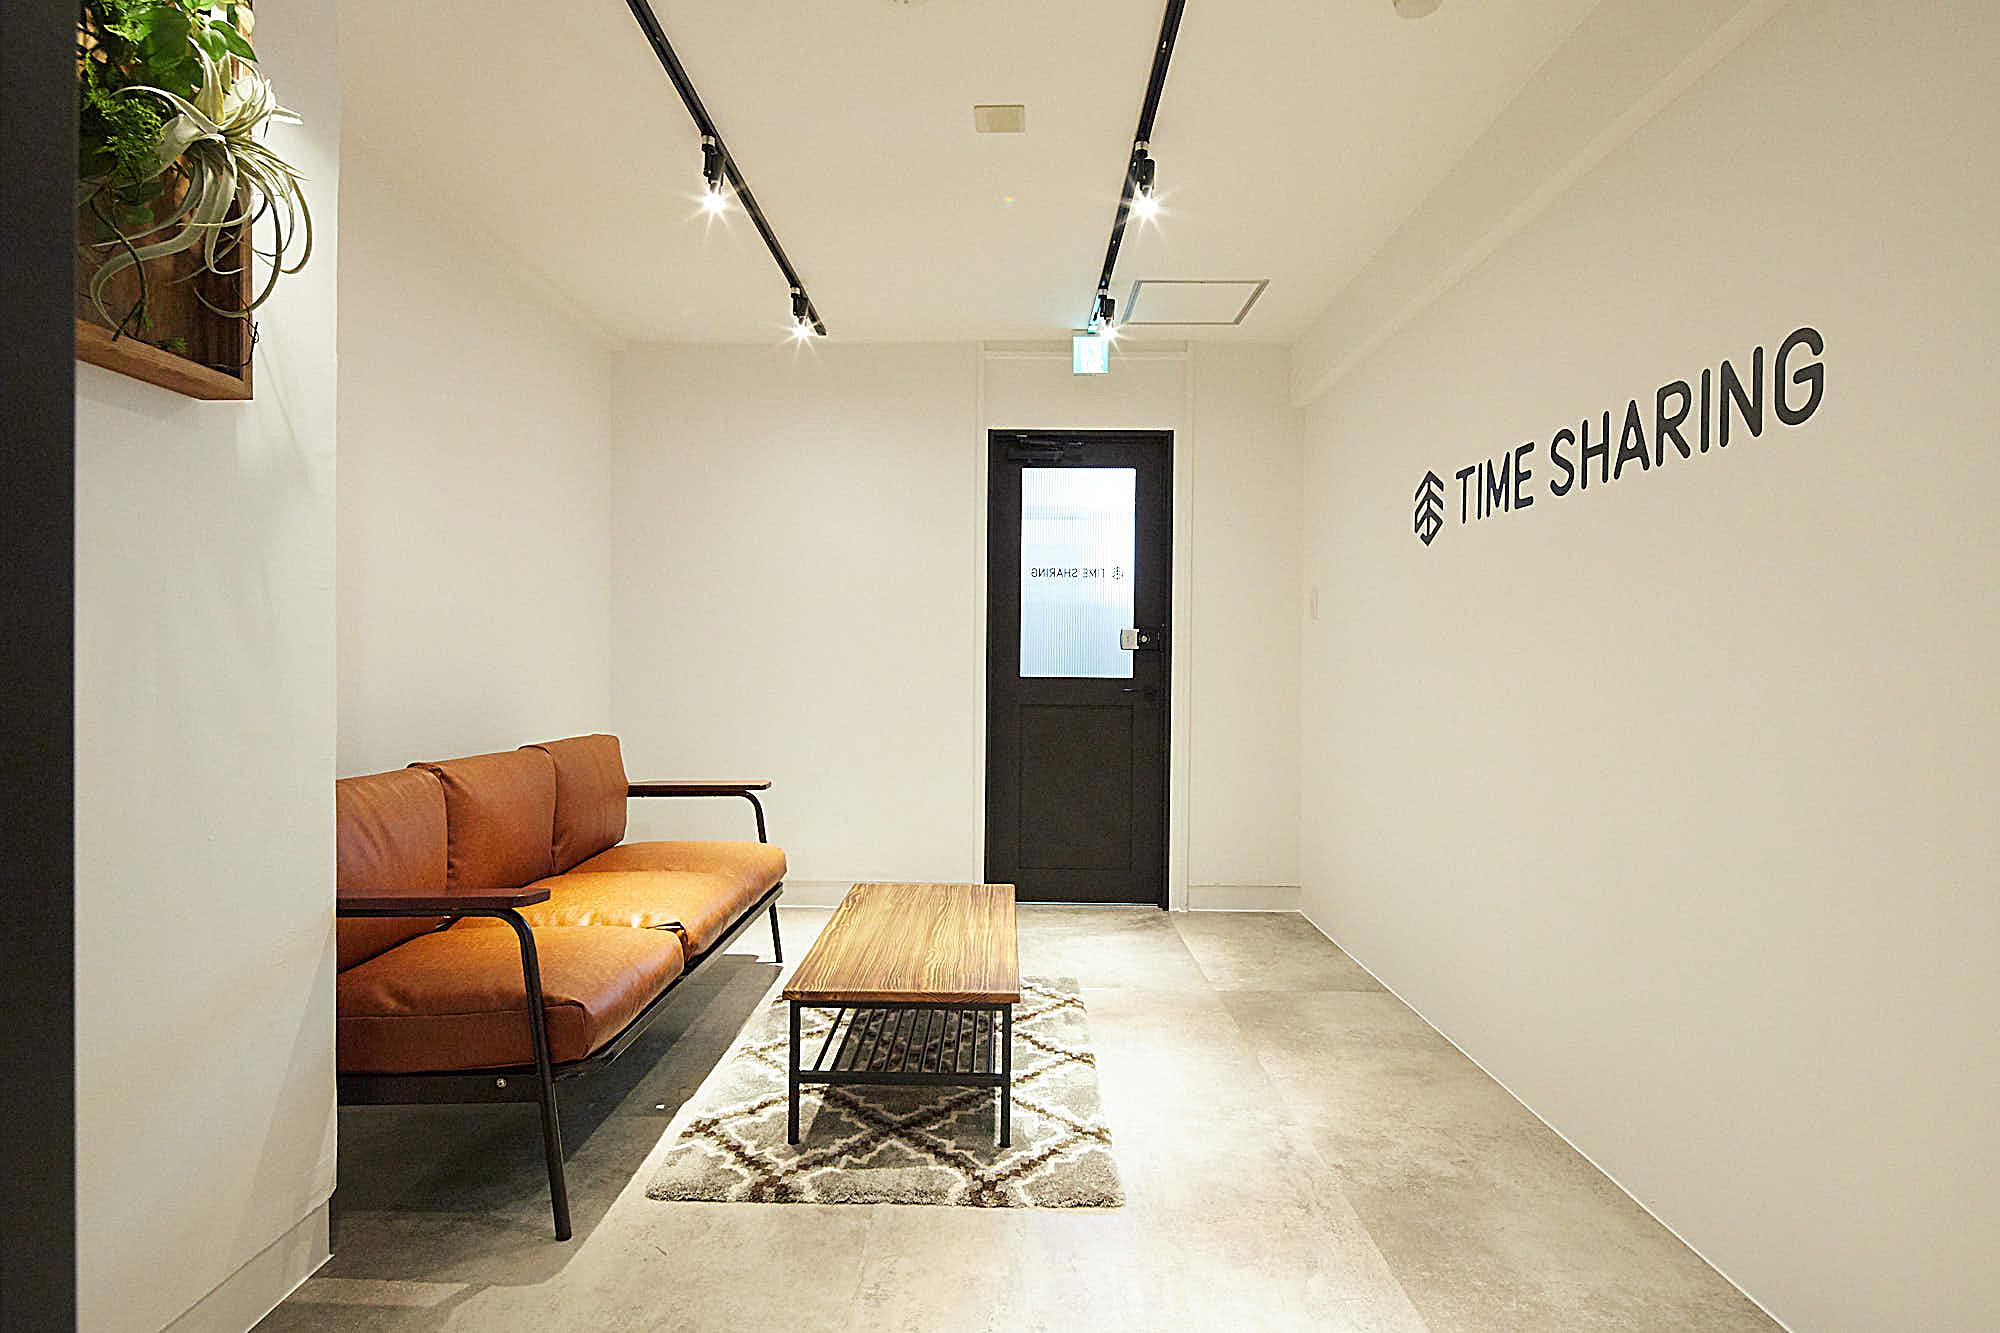 ブログサイト「SHARING」オープン★|TIME SHARING|タイムシェアリング|スペースマネジメント|あどばる|adval|SHARING